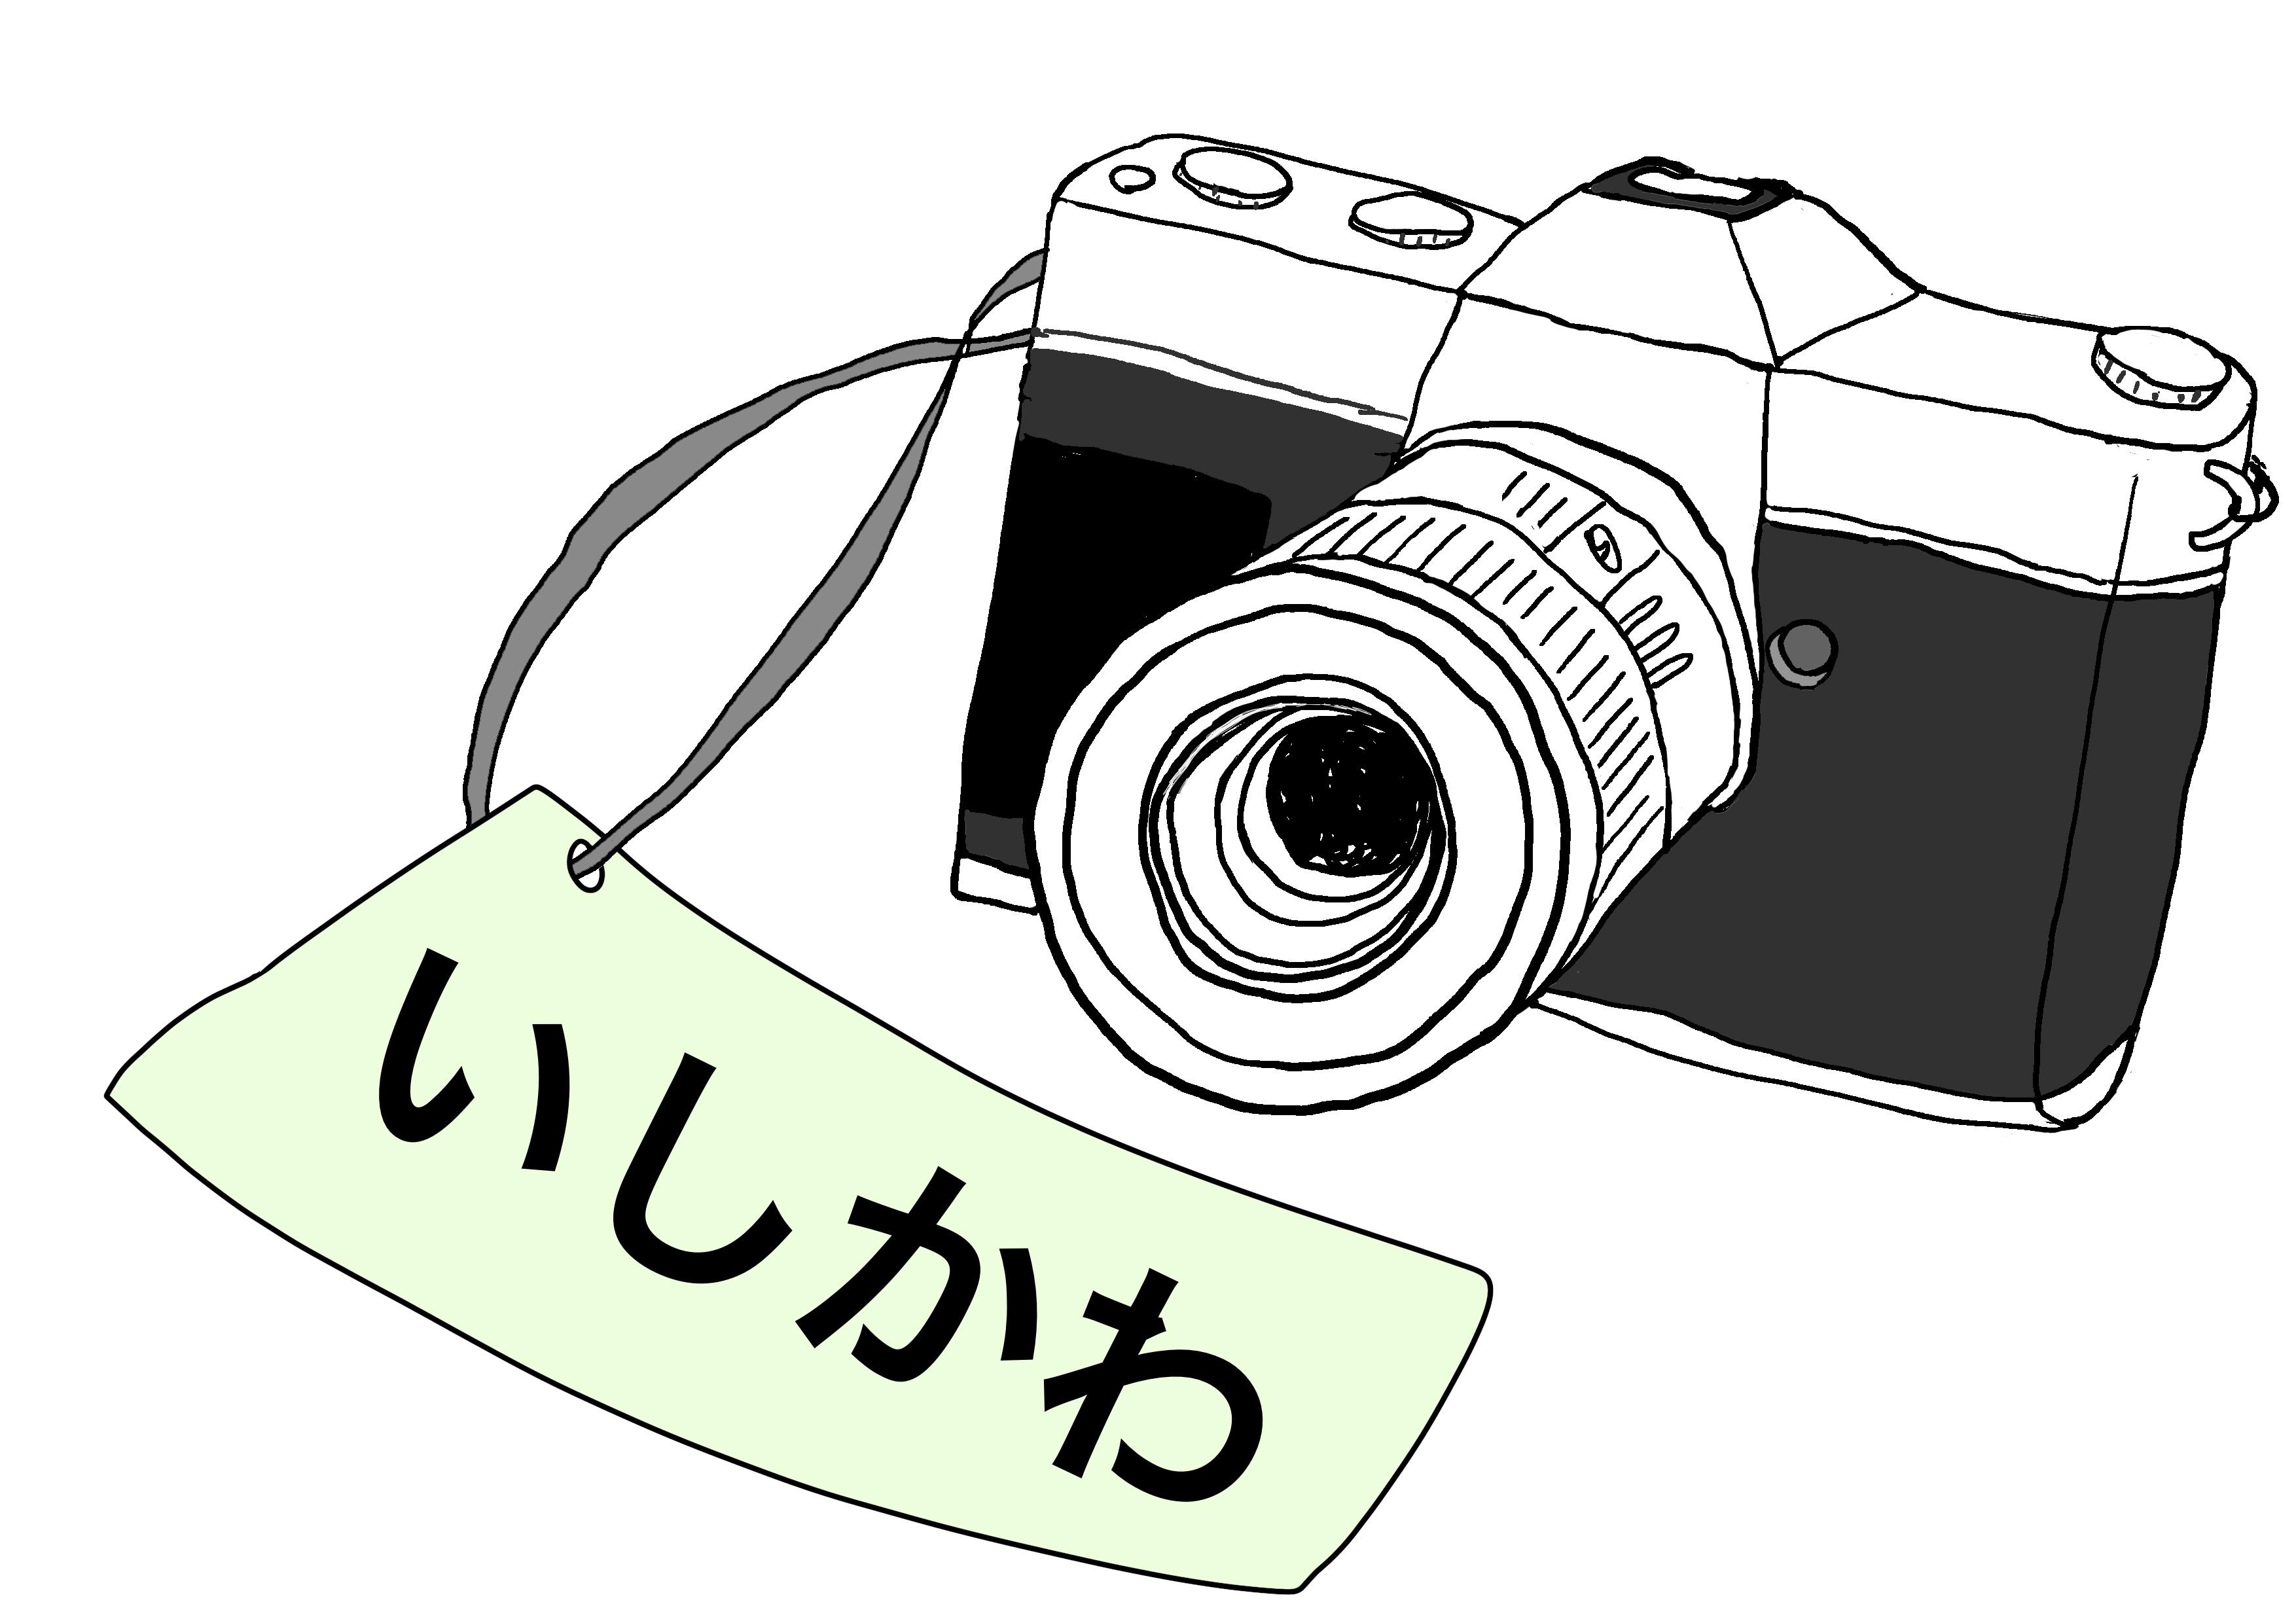 2課イラスト【カメラ】